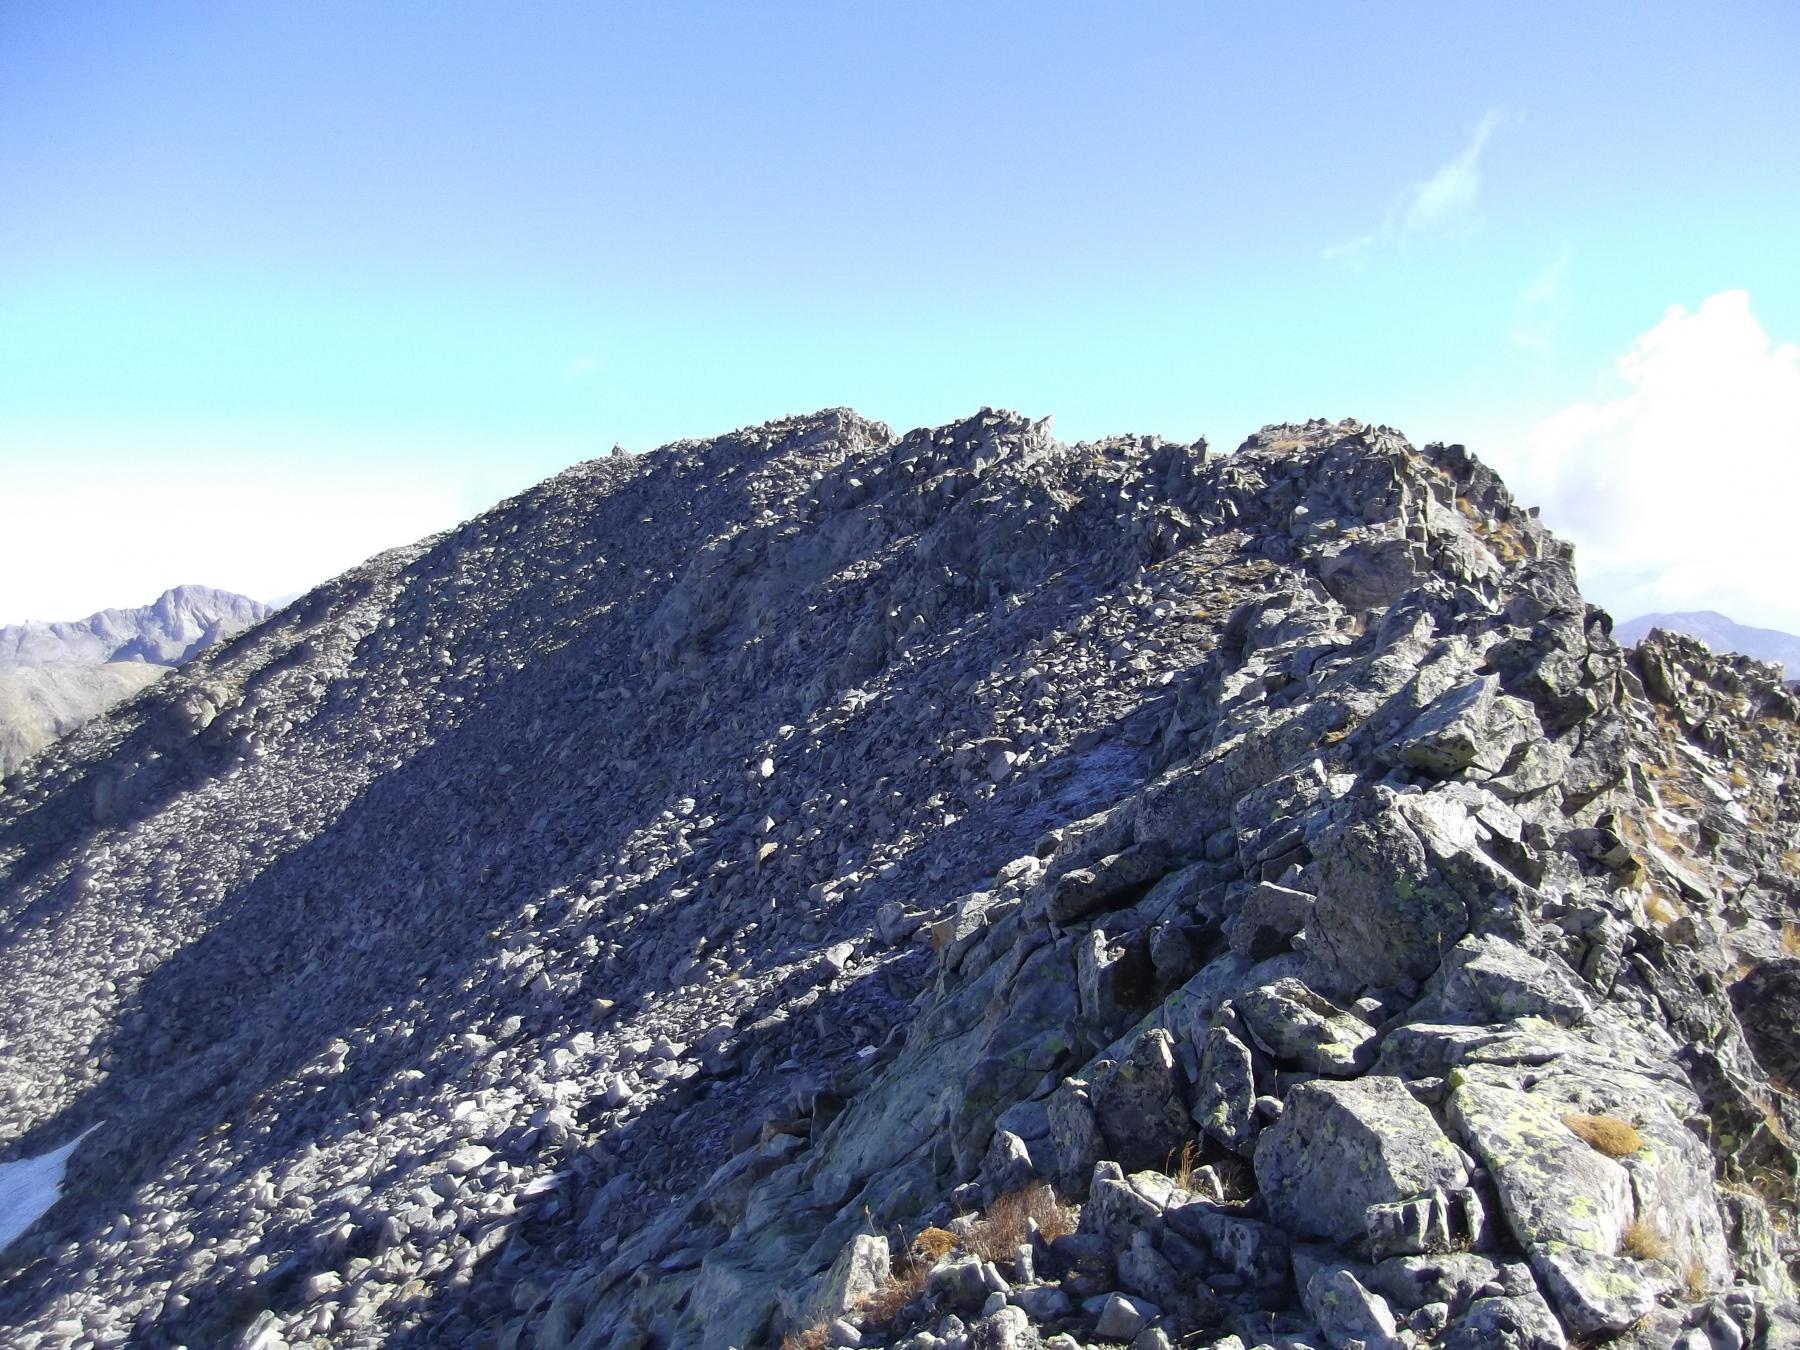 la Cima ovest di Charnassere dalla cresta